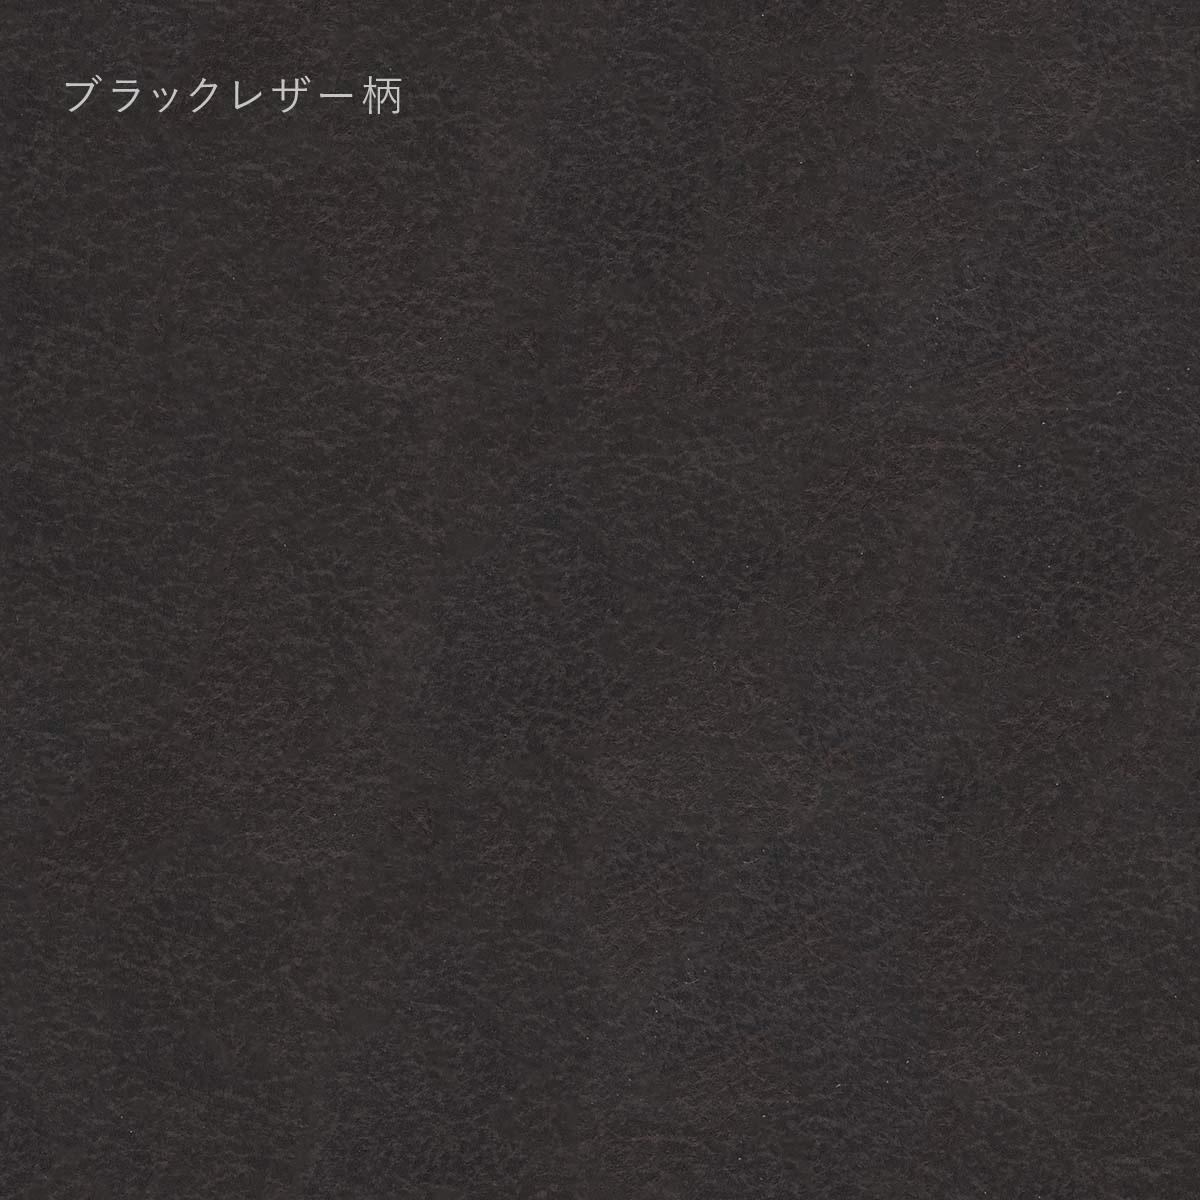 【 V-TISS LIGHT #003 】 引出し・扉付きローボード